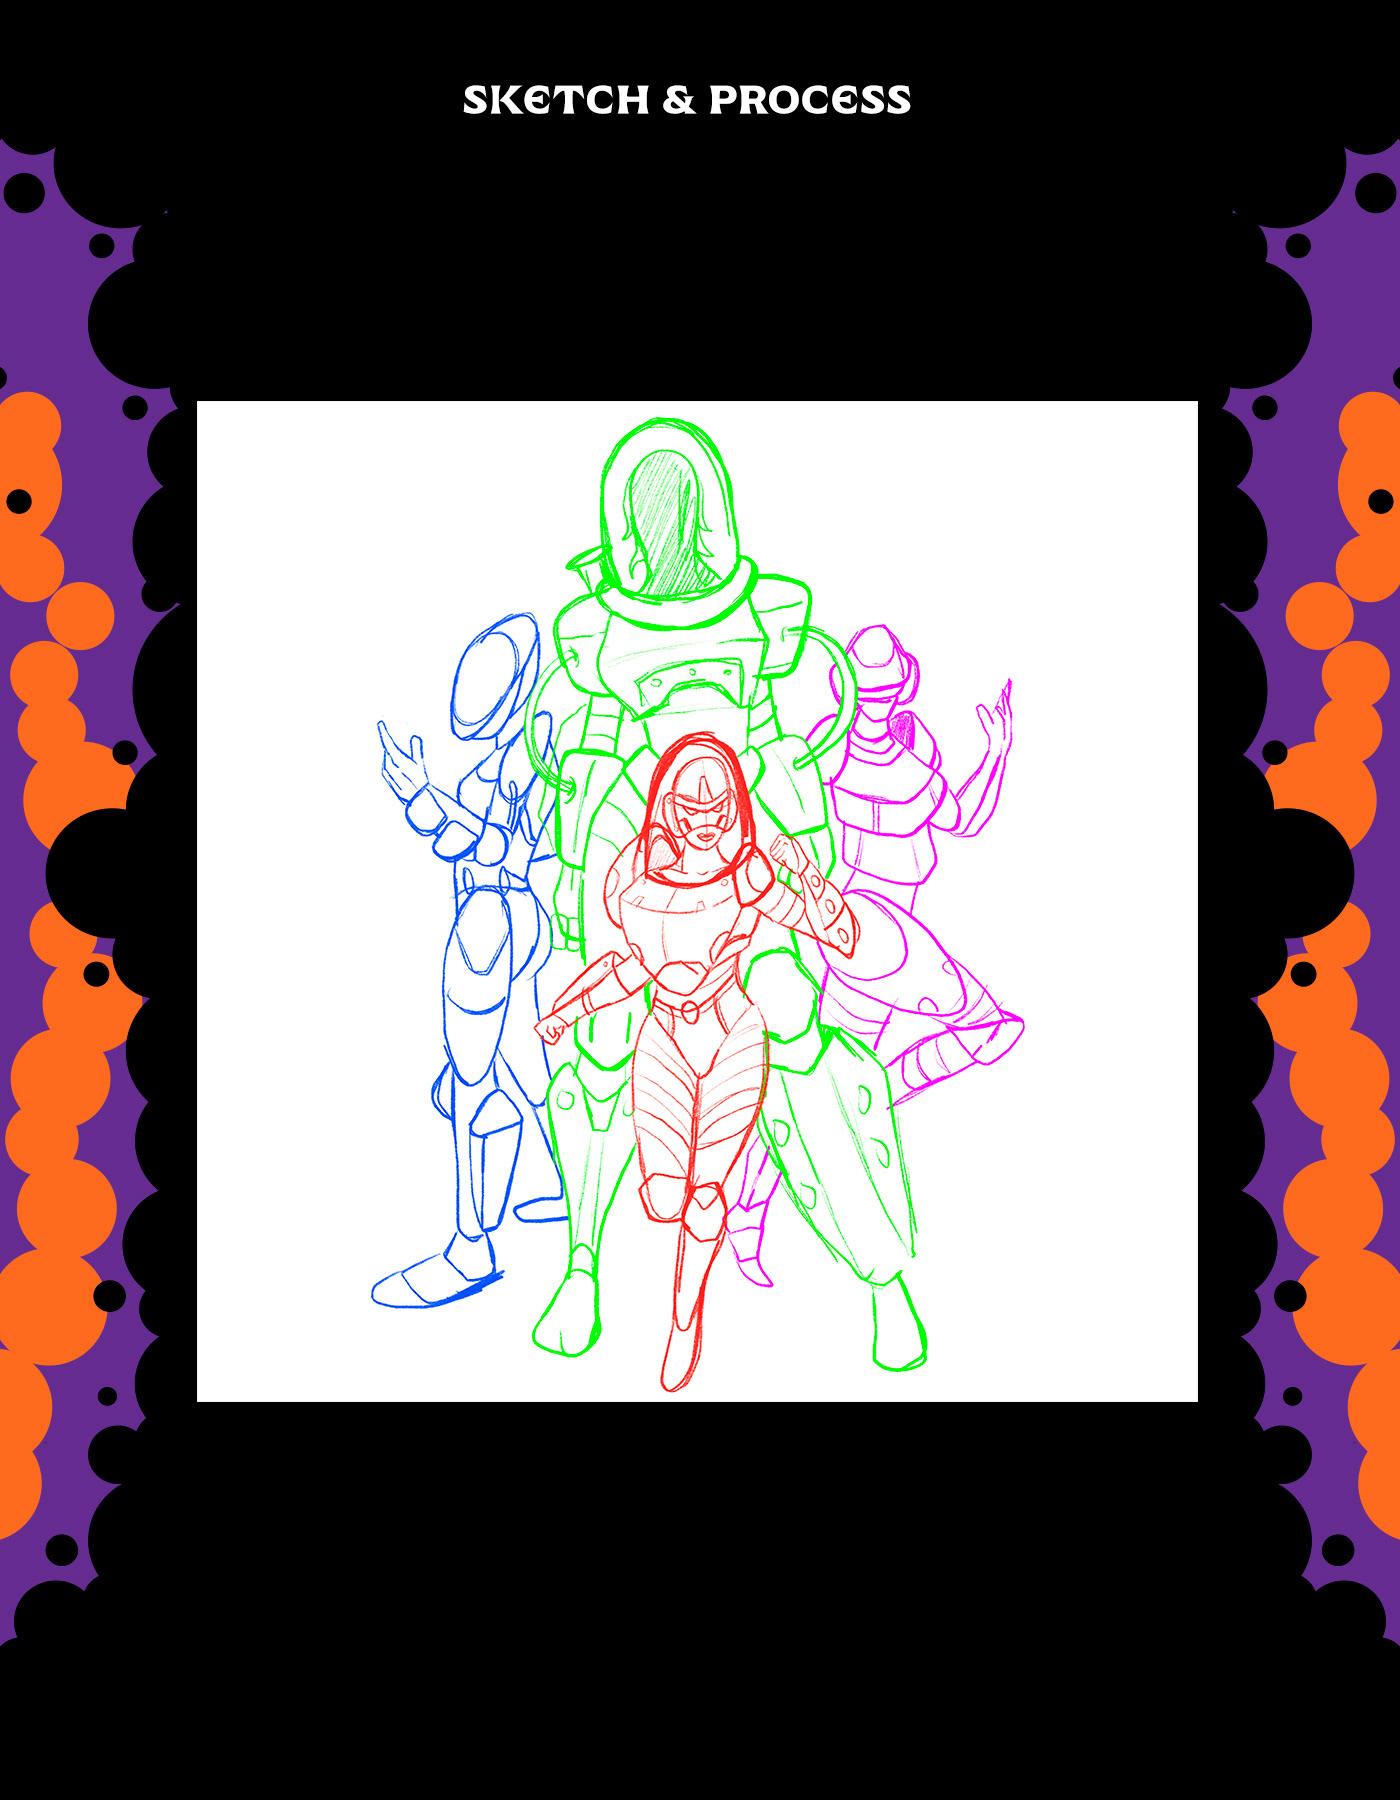 Image may contain: cartoon and drawing